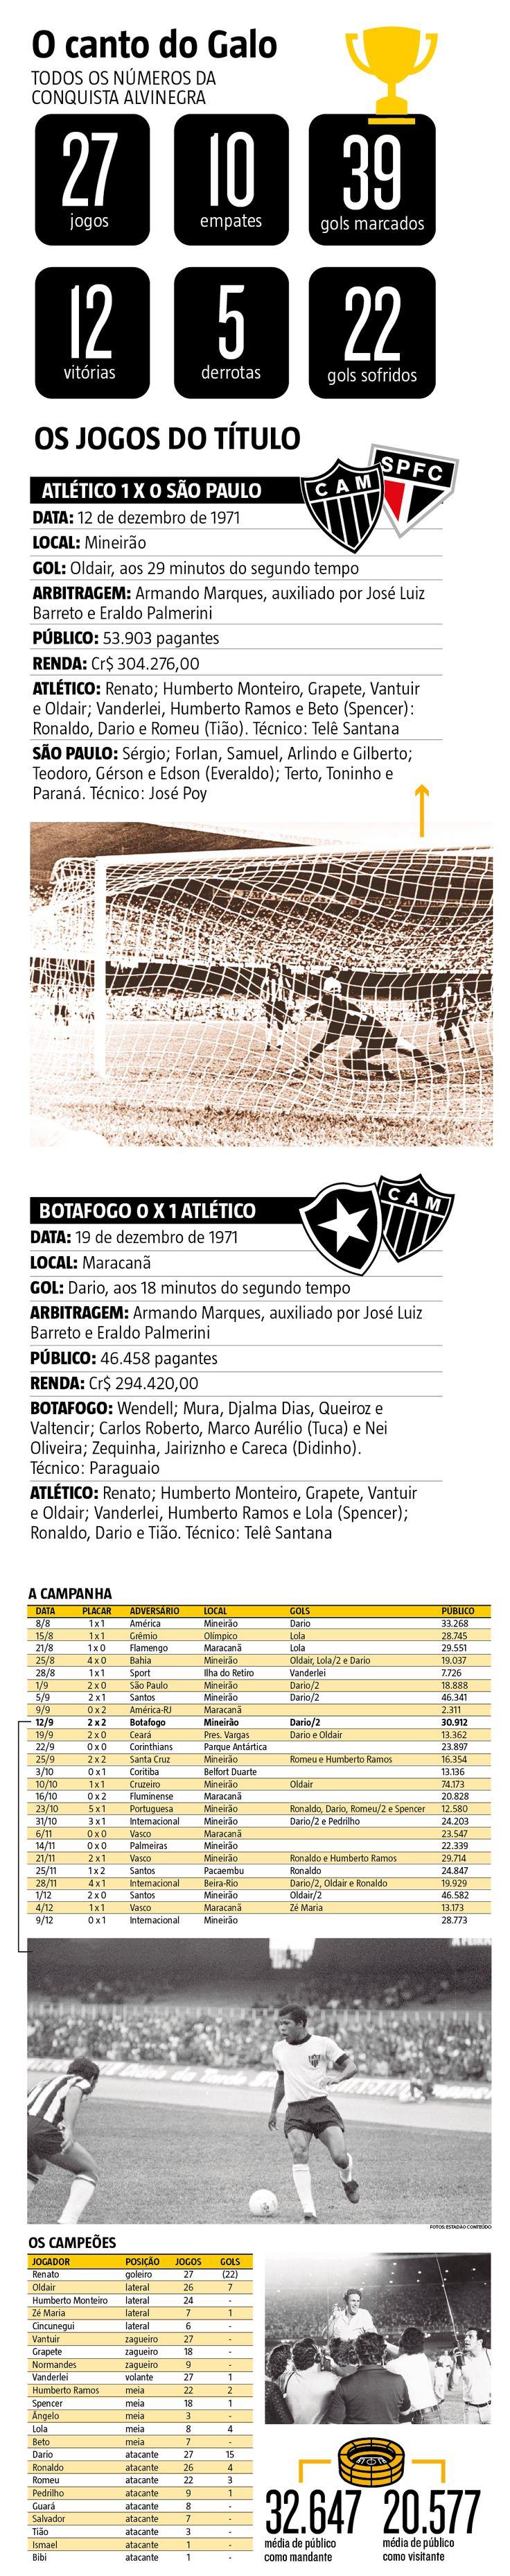 Há 45 anos, Atlético fazia 1 a 0 no Botafogo e ganhava o título do Brasileiro de 1971: O Brasil vivia tempos de Ditadura e de encanto pelo futebol, pois a Seleção tinha conquistado no ano anterior, no México, o primeiro tricampeonato mundial, com aquela que é considerada até hoje a maior equipe de todos os tempos. (19/12/2016) #Futebol #Galo #Atlético #AtléticoMineiro #CampeonatoBrasileiro #Brasileirão #1971 #Infográfico #Infografia #HojeEmDia